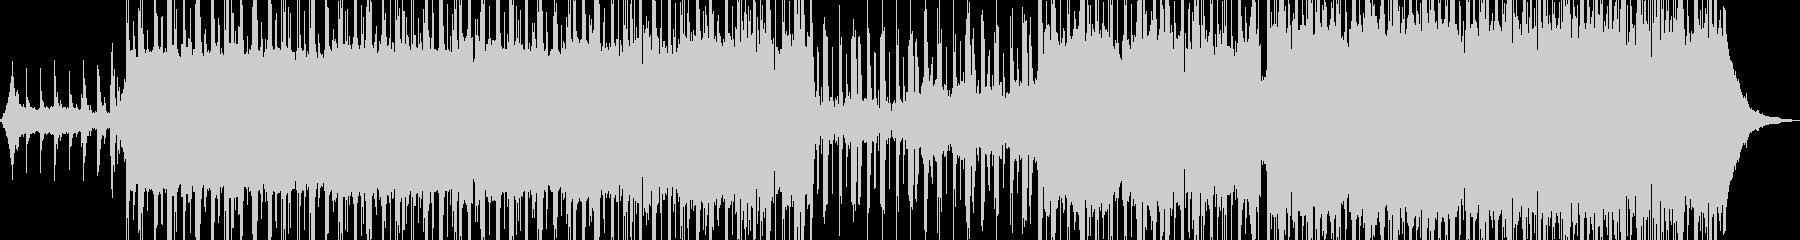 無機質でドライ・ダークなR&B Aの未再生の波形